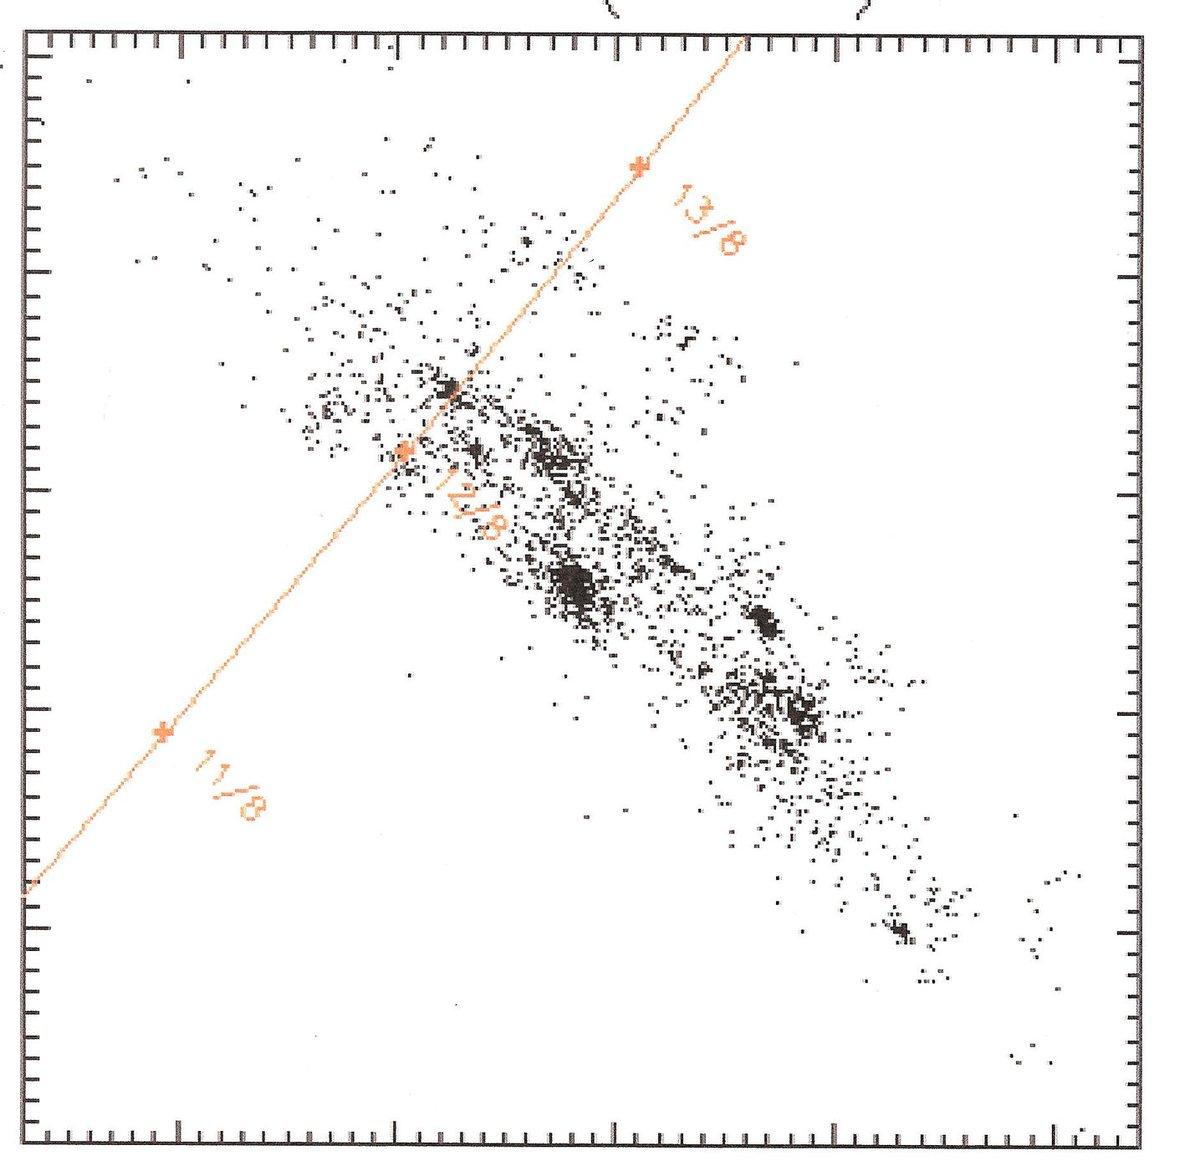 Comet-streams-Perseids2016